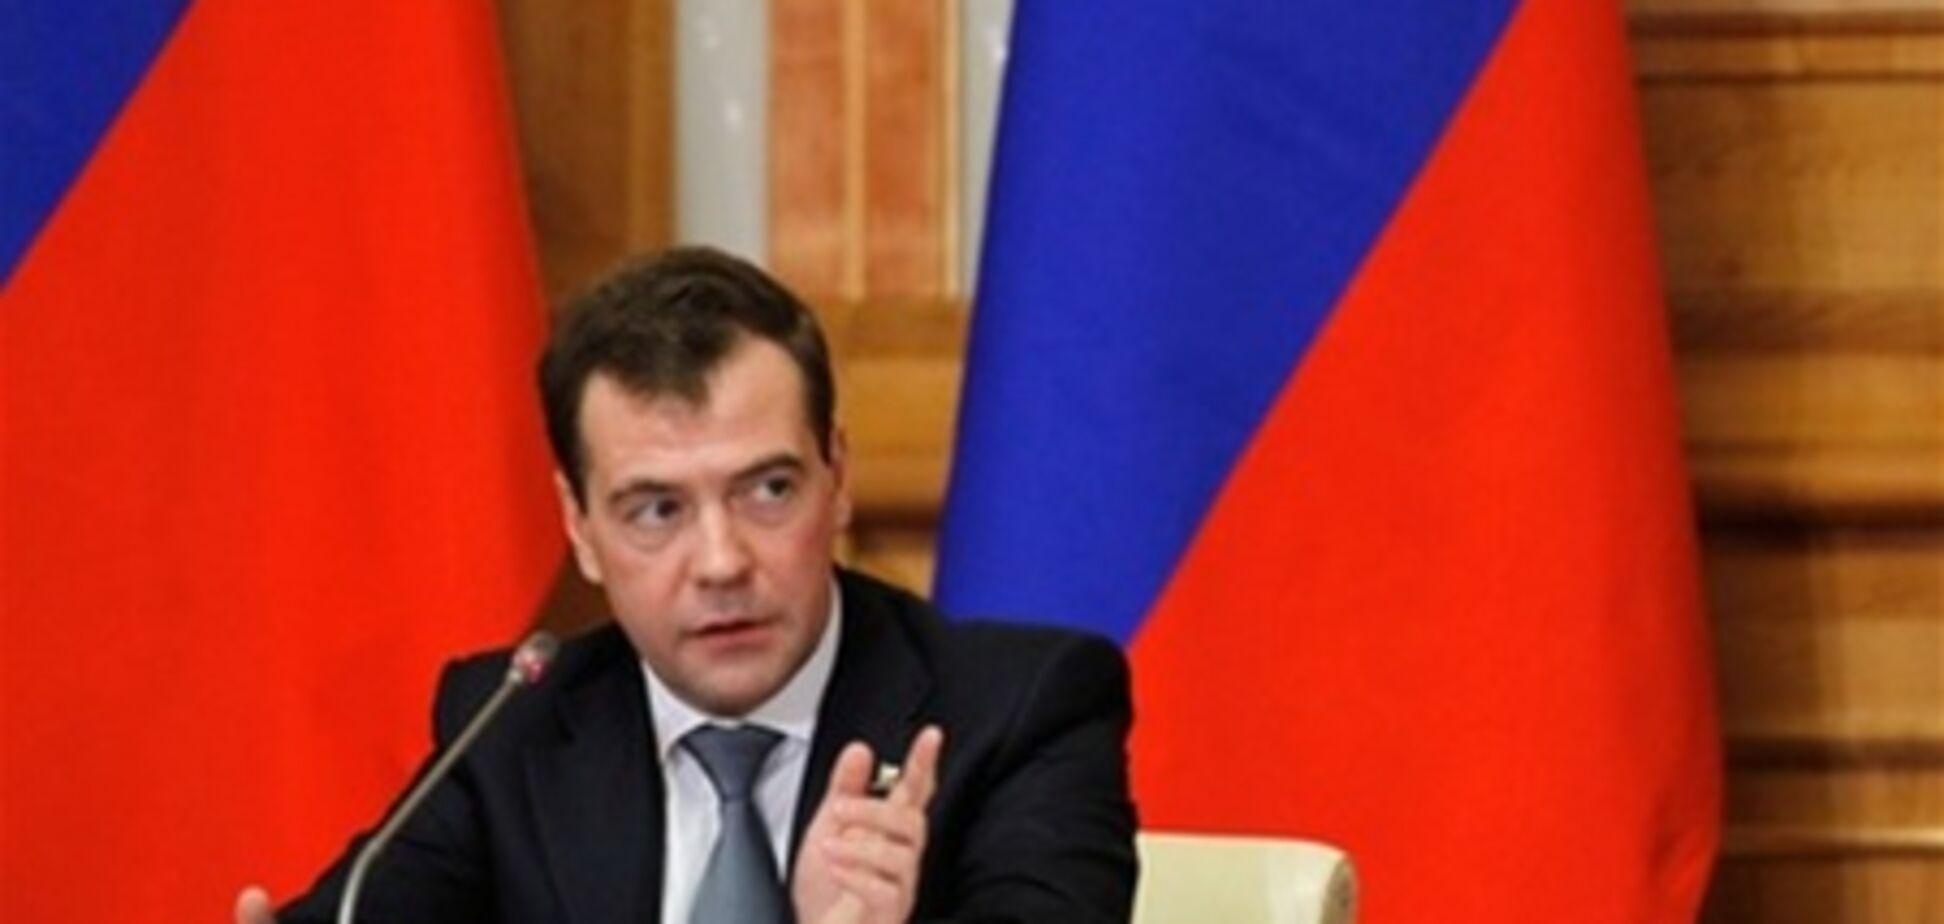 Россия готова поддержать резолюцию ООН по Сирии